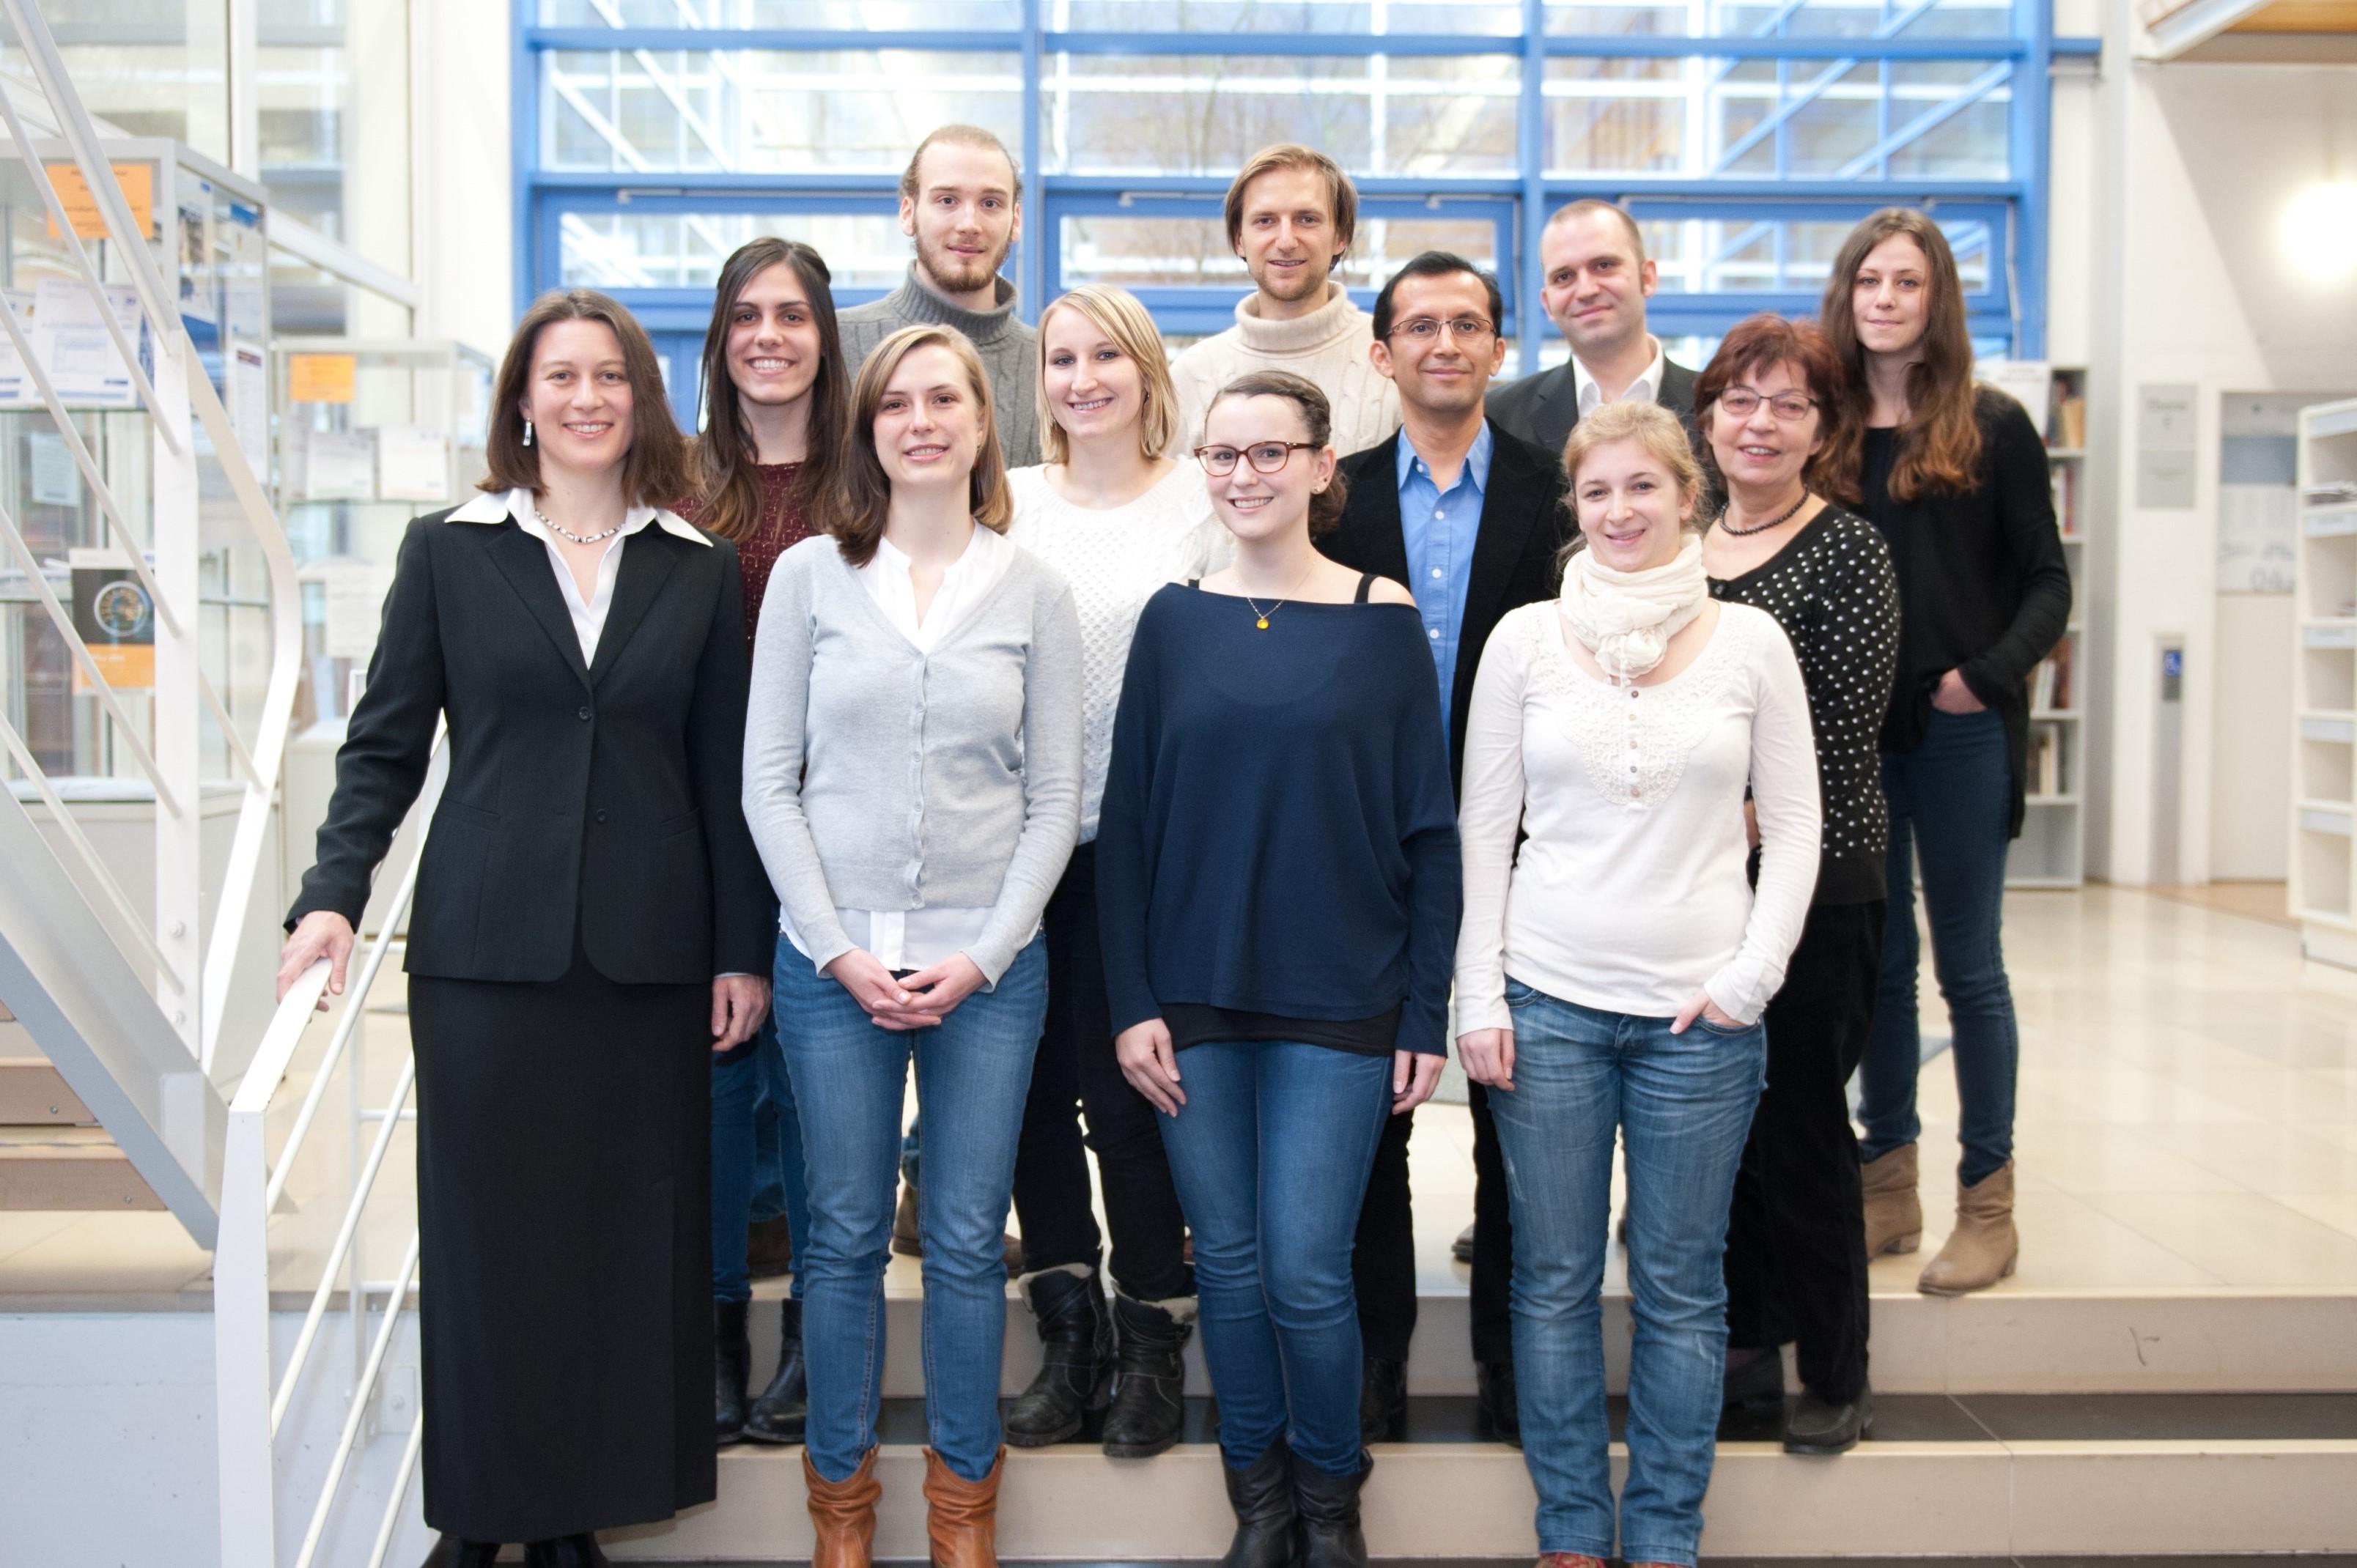 Dept Clinical And Biological Psychology Ulm University Klinische Und Bio Psycho Gruppenfoto Psy Kbio